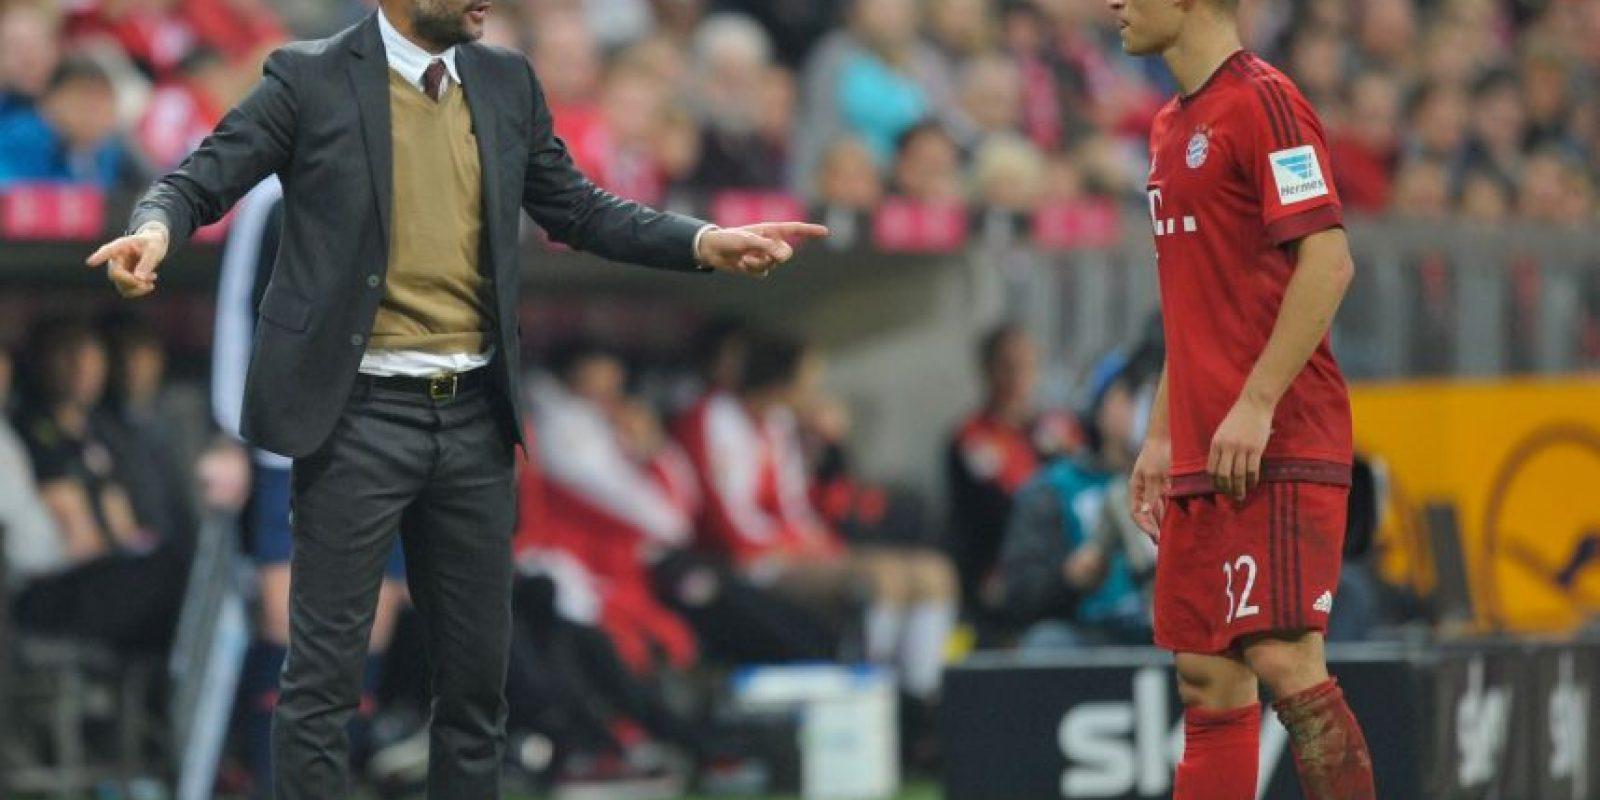 El nacido en Sampedor, Barcelona, tiene 44 años y antes de ser entrenador fue un importante futbolista de España y el Barcelona. Foto:Getty Images